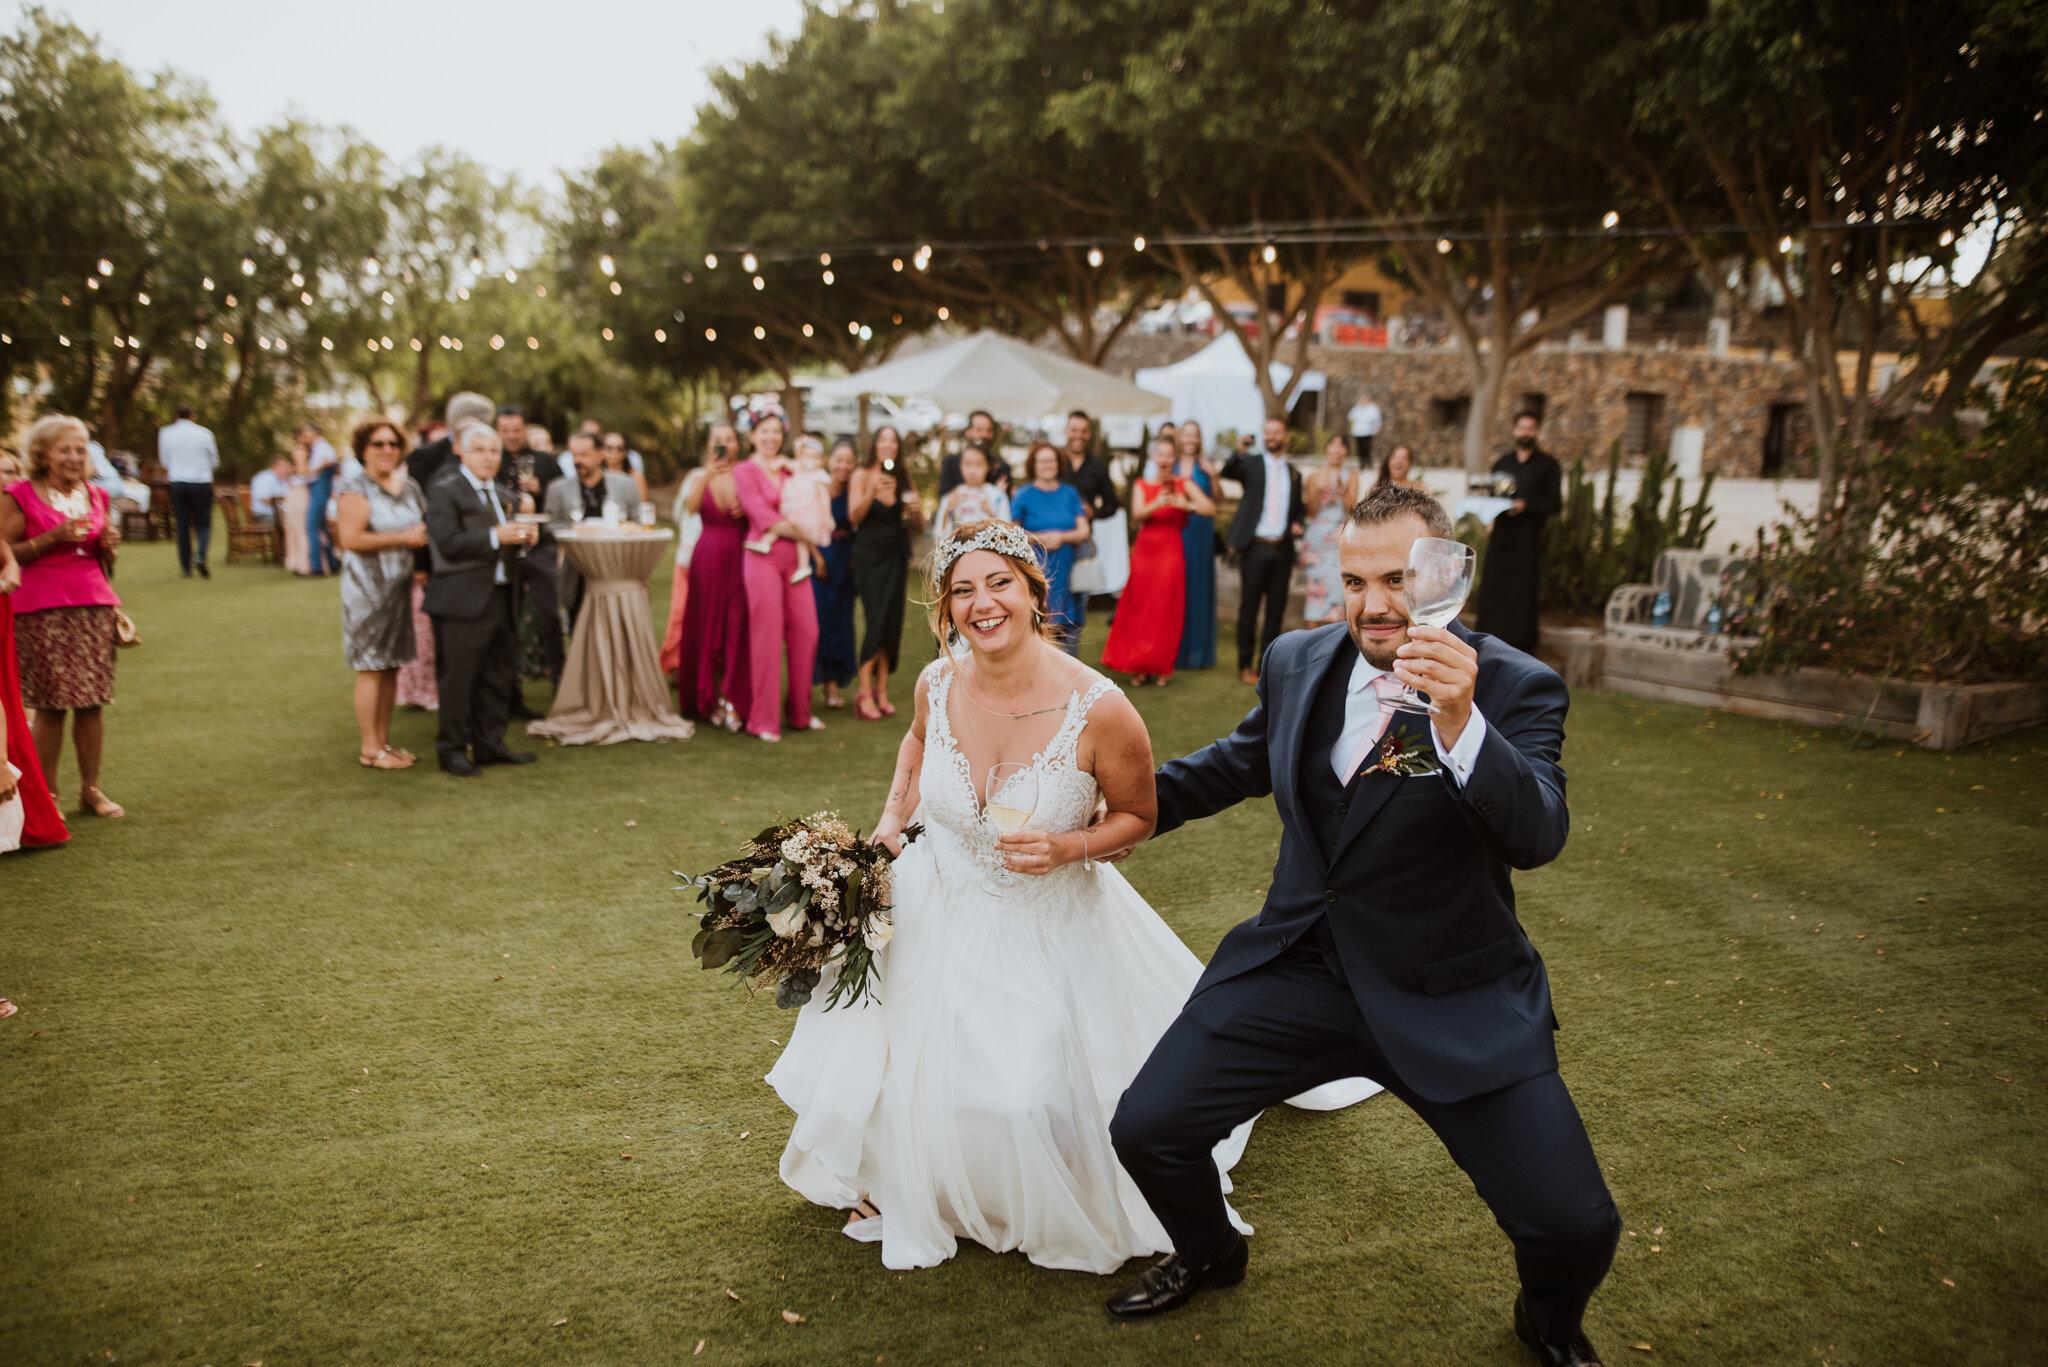 fotografo de bodas las palmas_-105.jpg